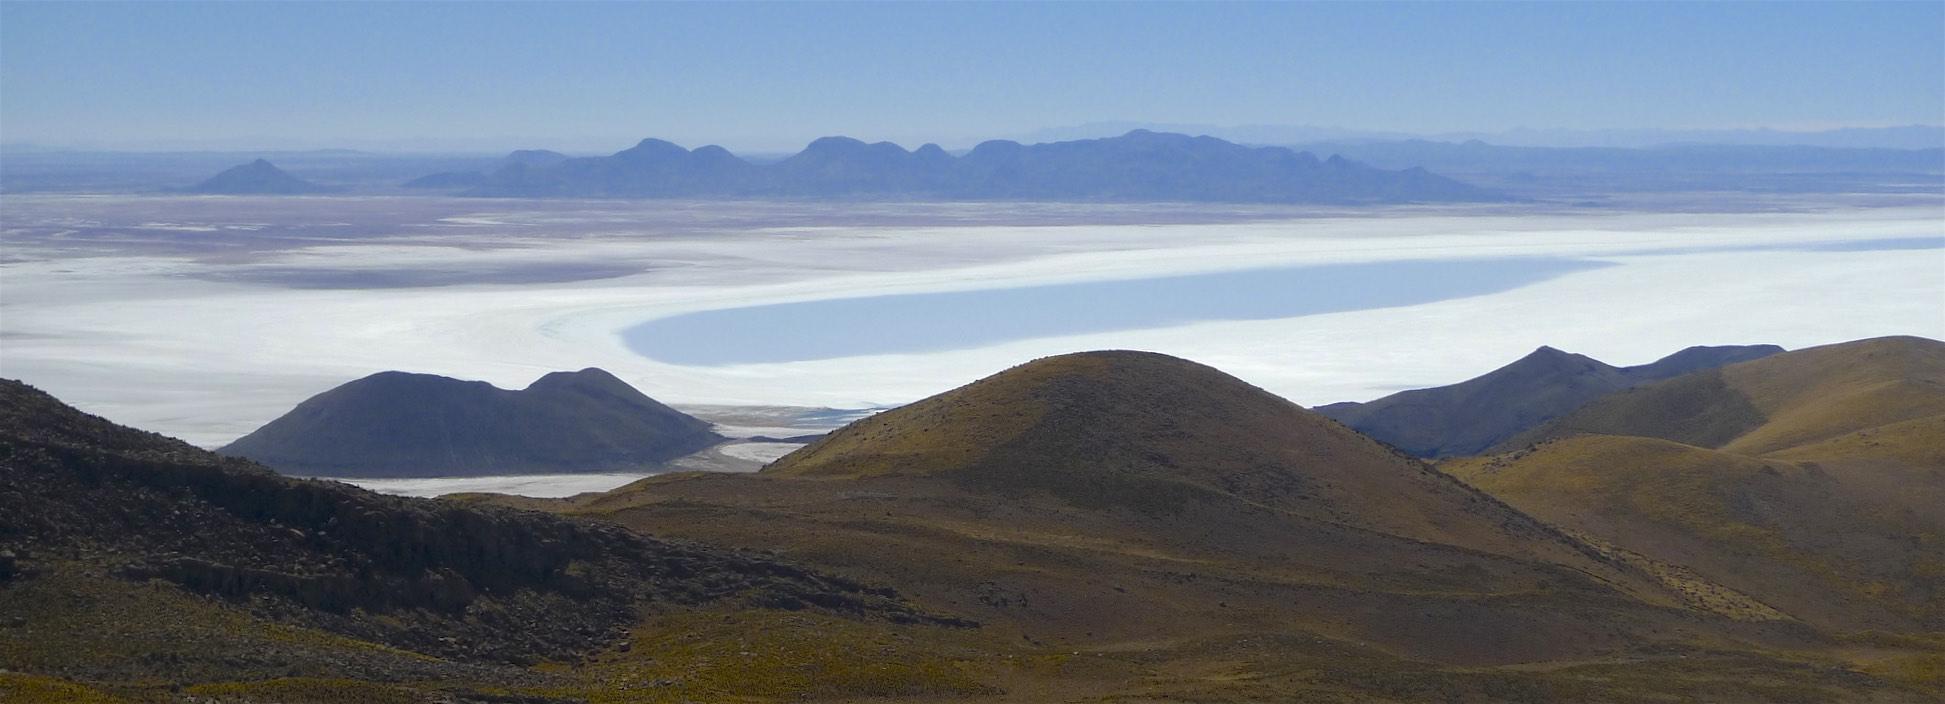 on Cerro Tunupa 5,321m